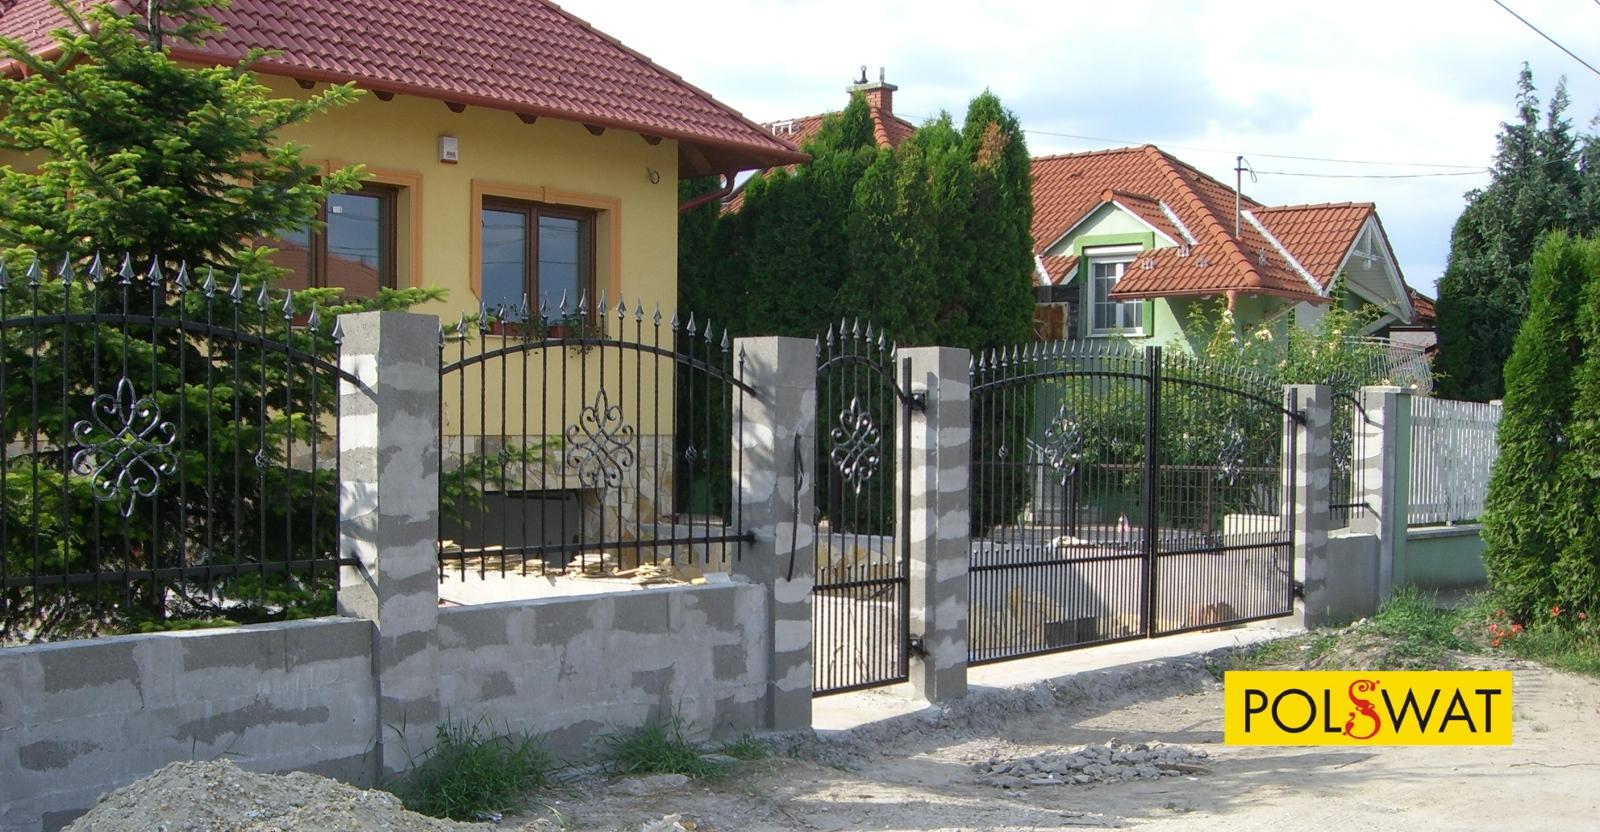 egy jól megtervezett kovácsoltvas kerítés ismérvei